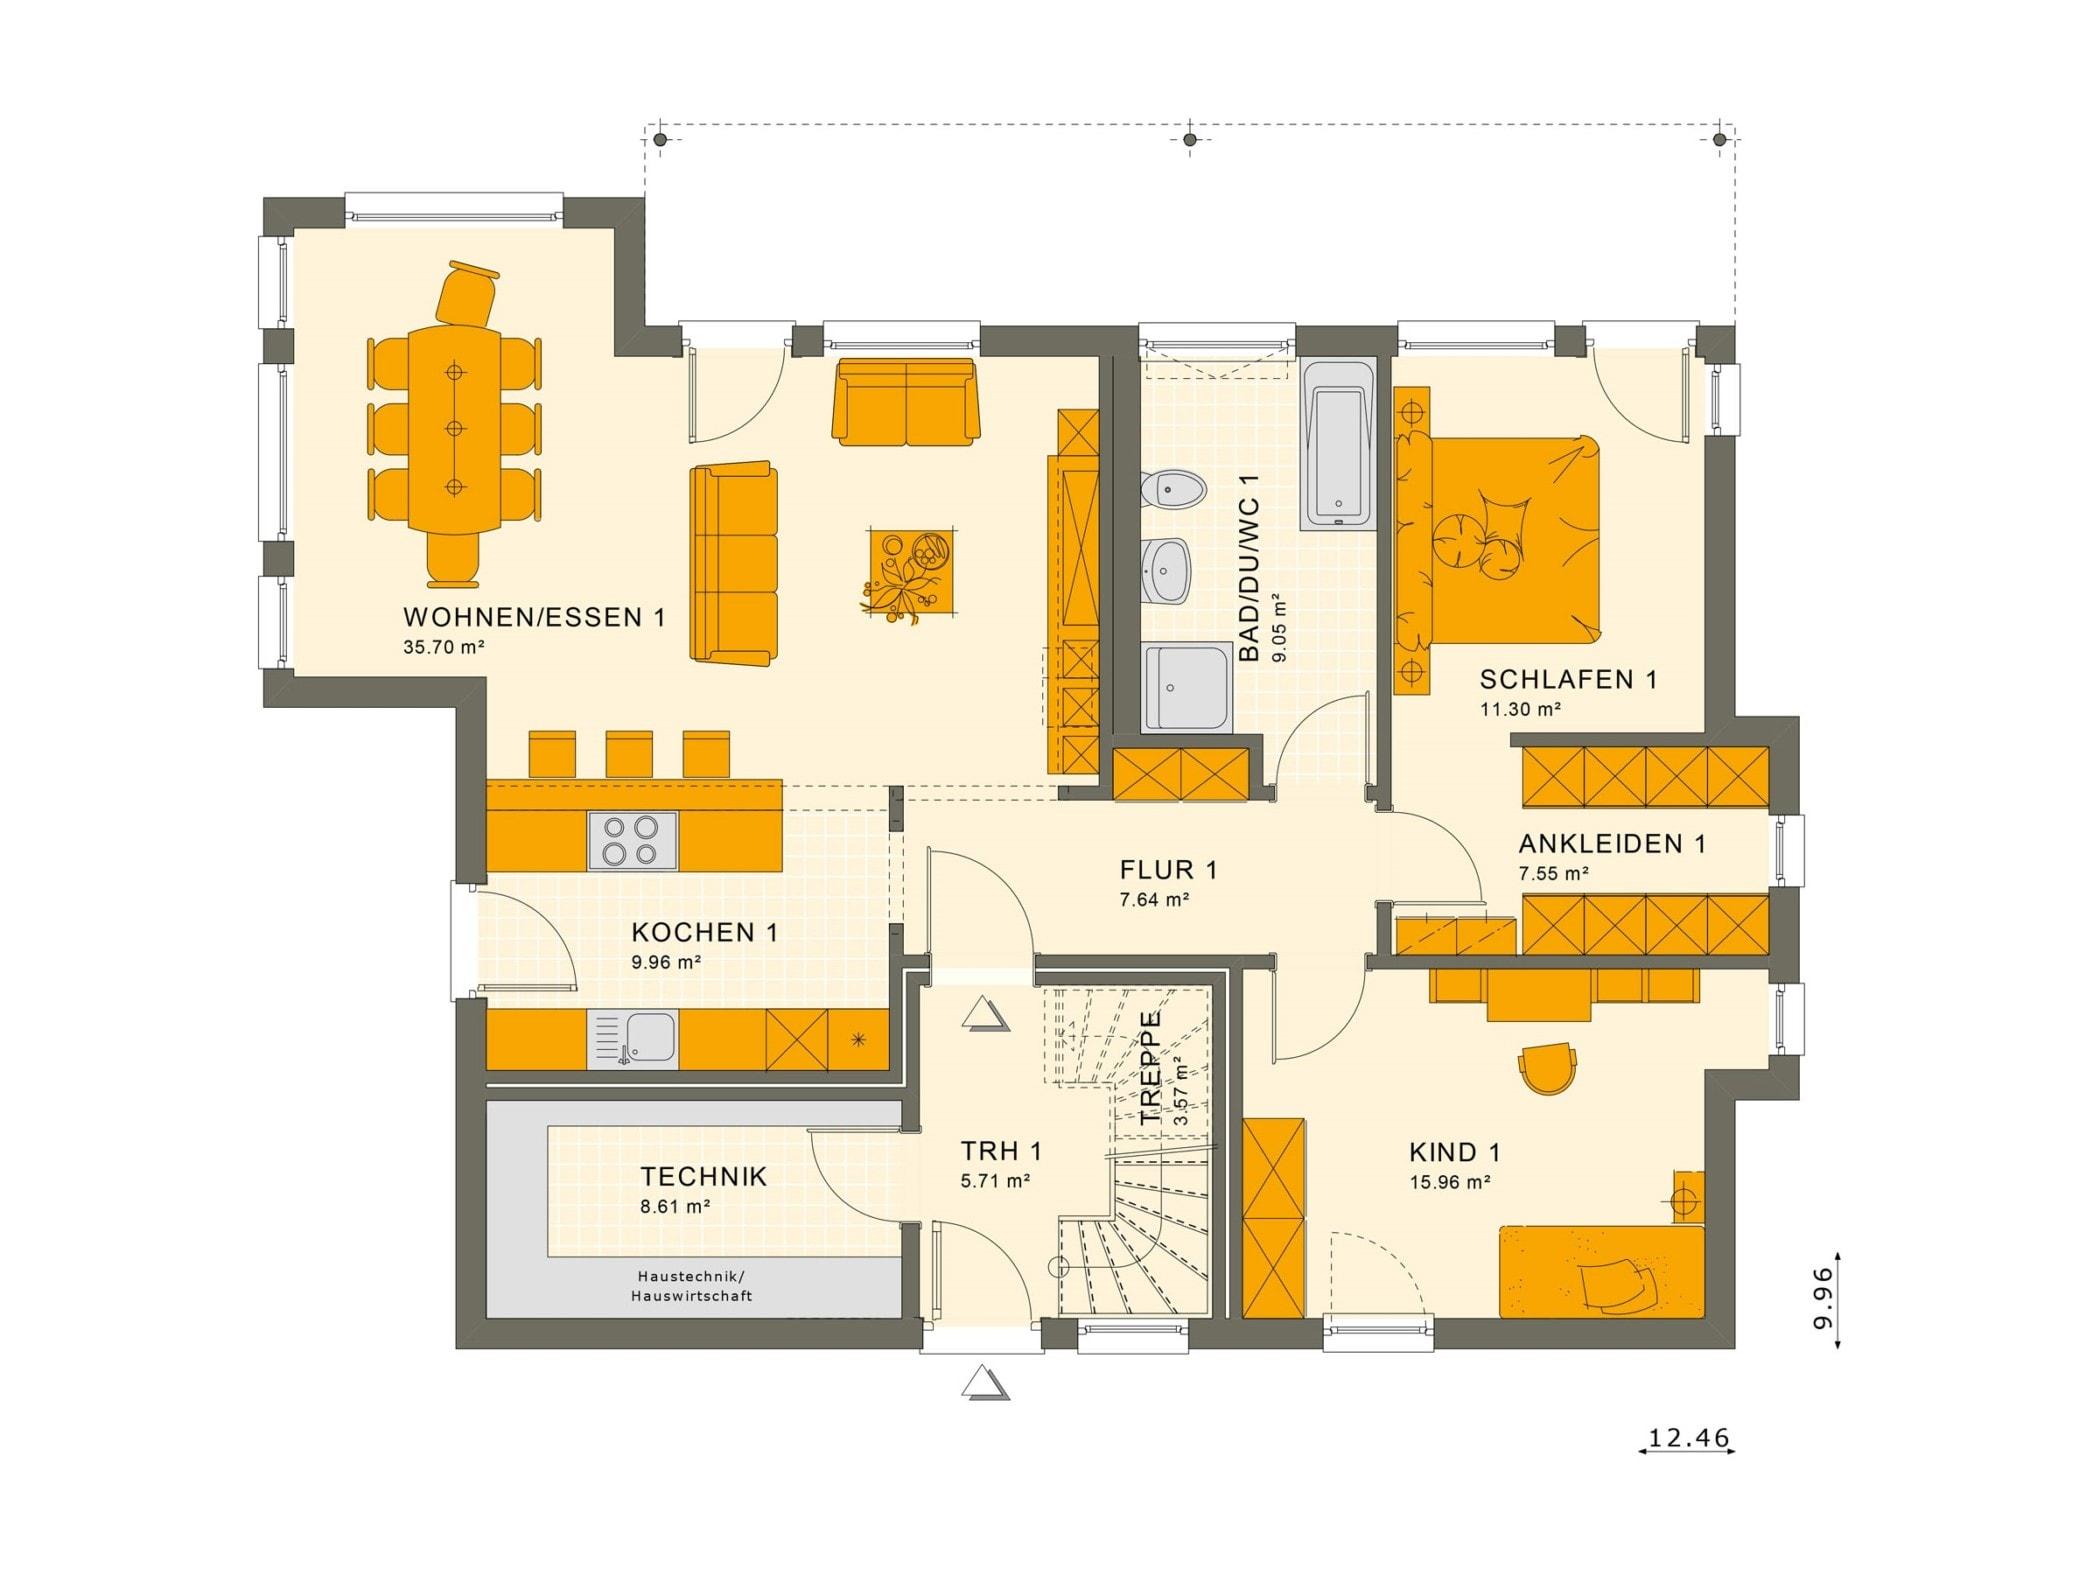 Zweifamilienhaus Stadtvilla Grundriss EG modern mit 2 Wohnungen übereinander - Mehrgenerationenhaus bauen Ideen Fertighaus SOLUTION 204 V8 von Living Haus - HausbauDirekt.de